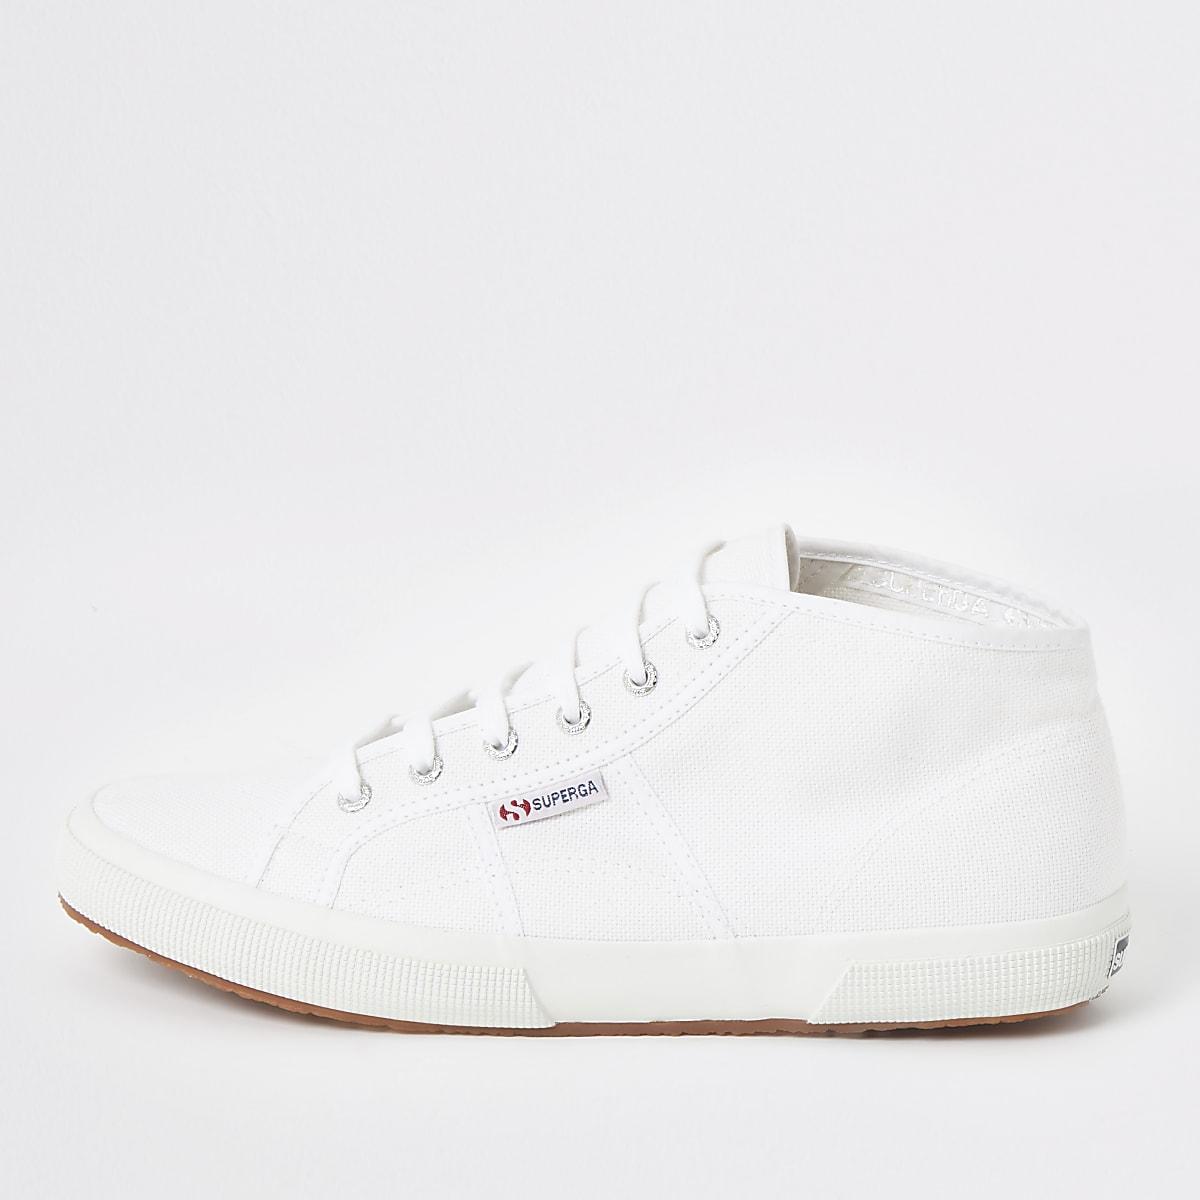 Superga - Witte midtop klassieke sneakers